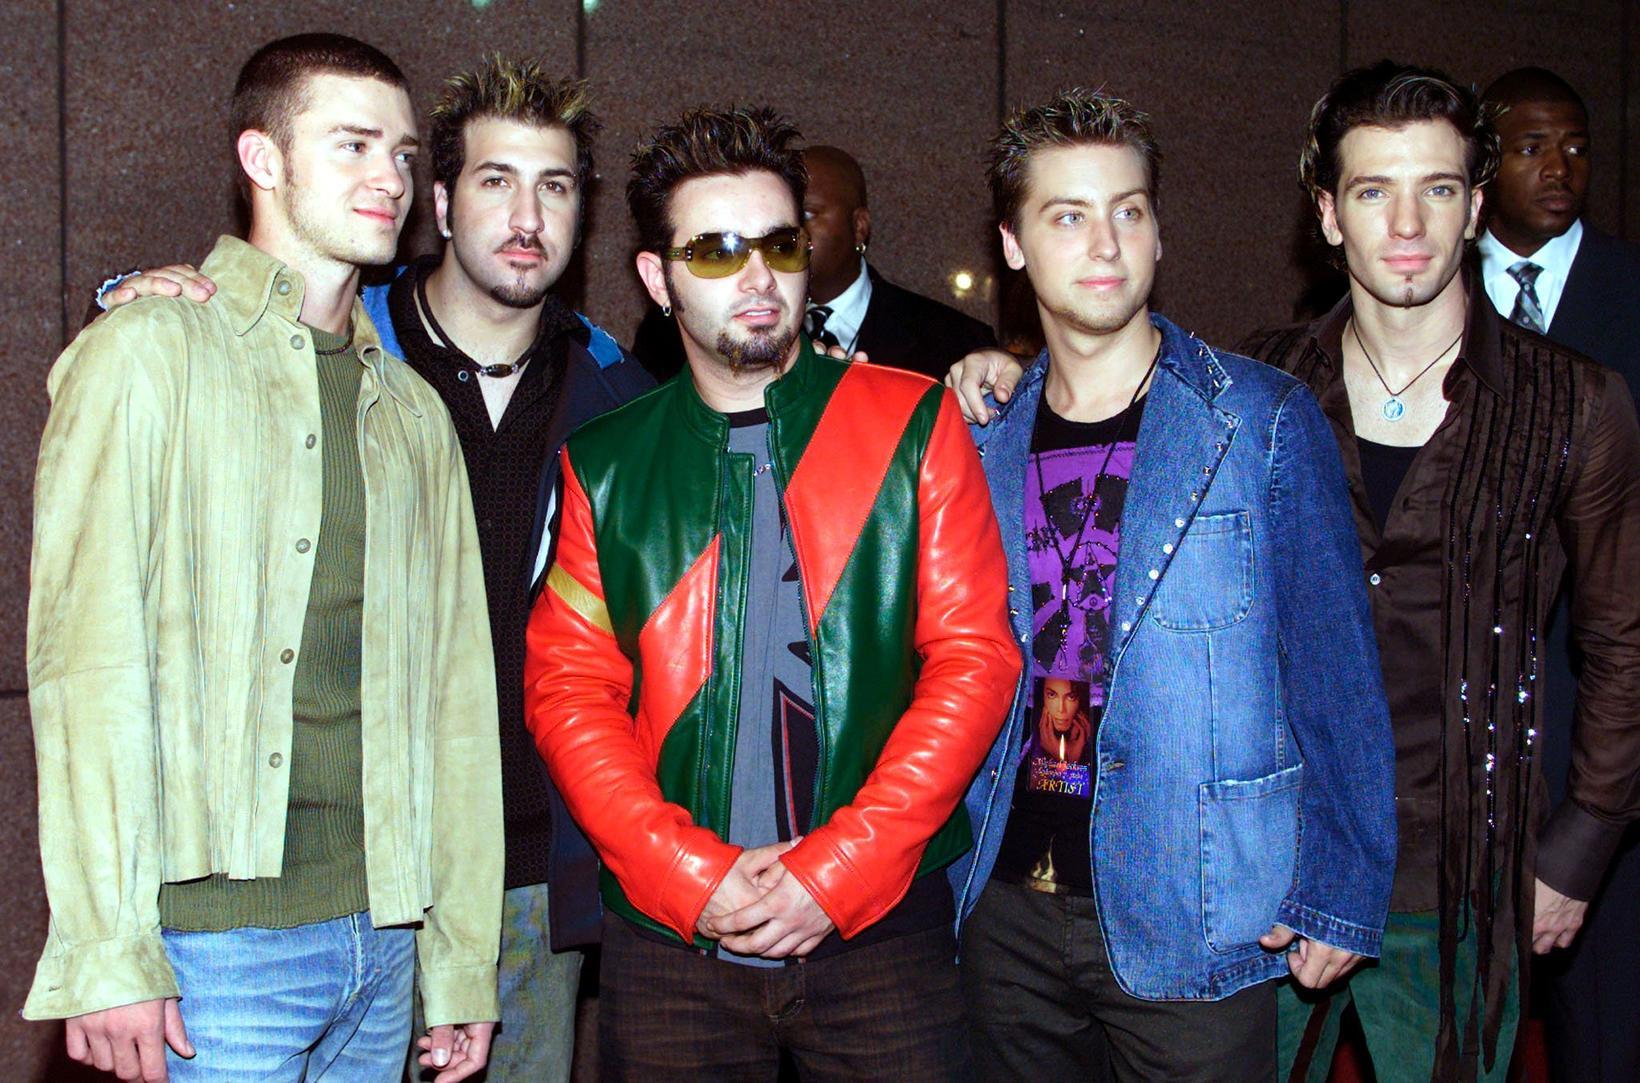 Strákasveitin NSync árið 2001. Frá vinstri; Justin Timberlake, Joey Fatone, …